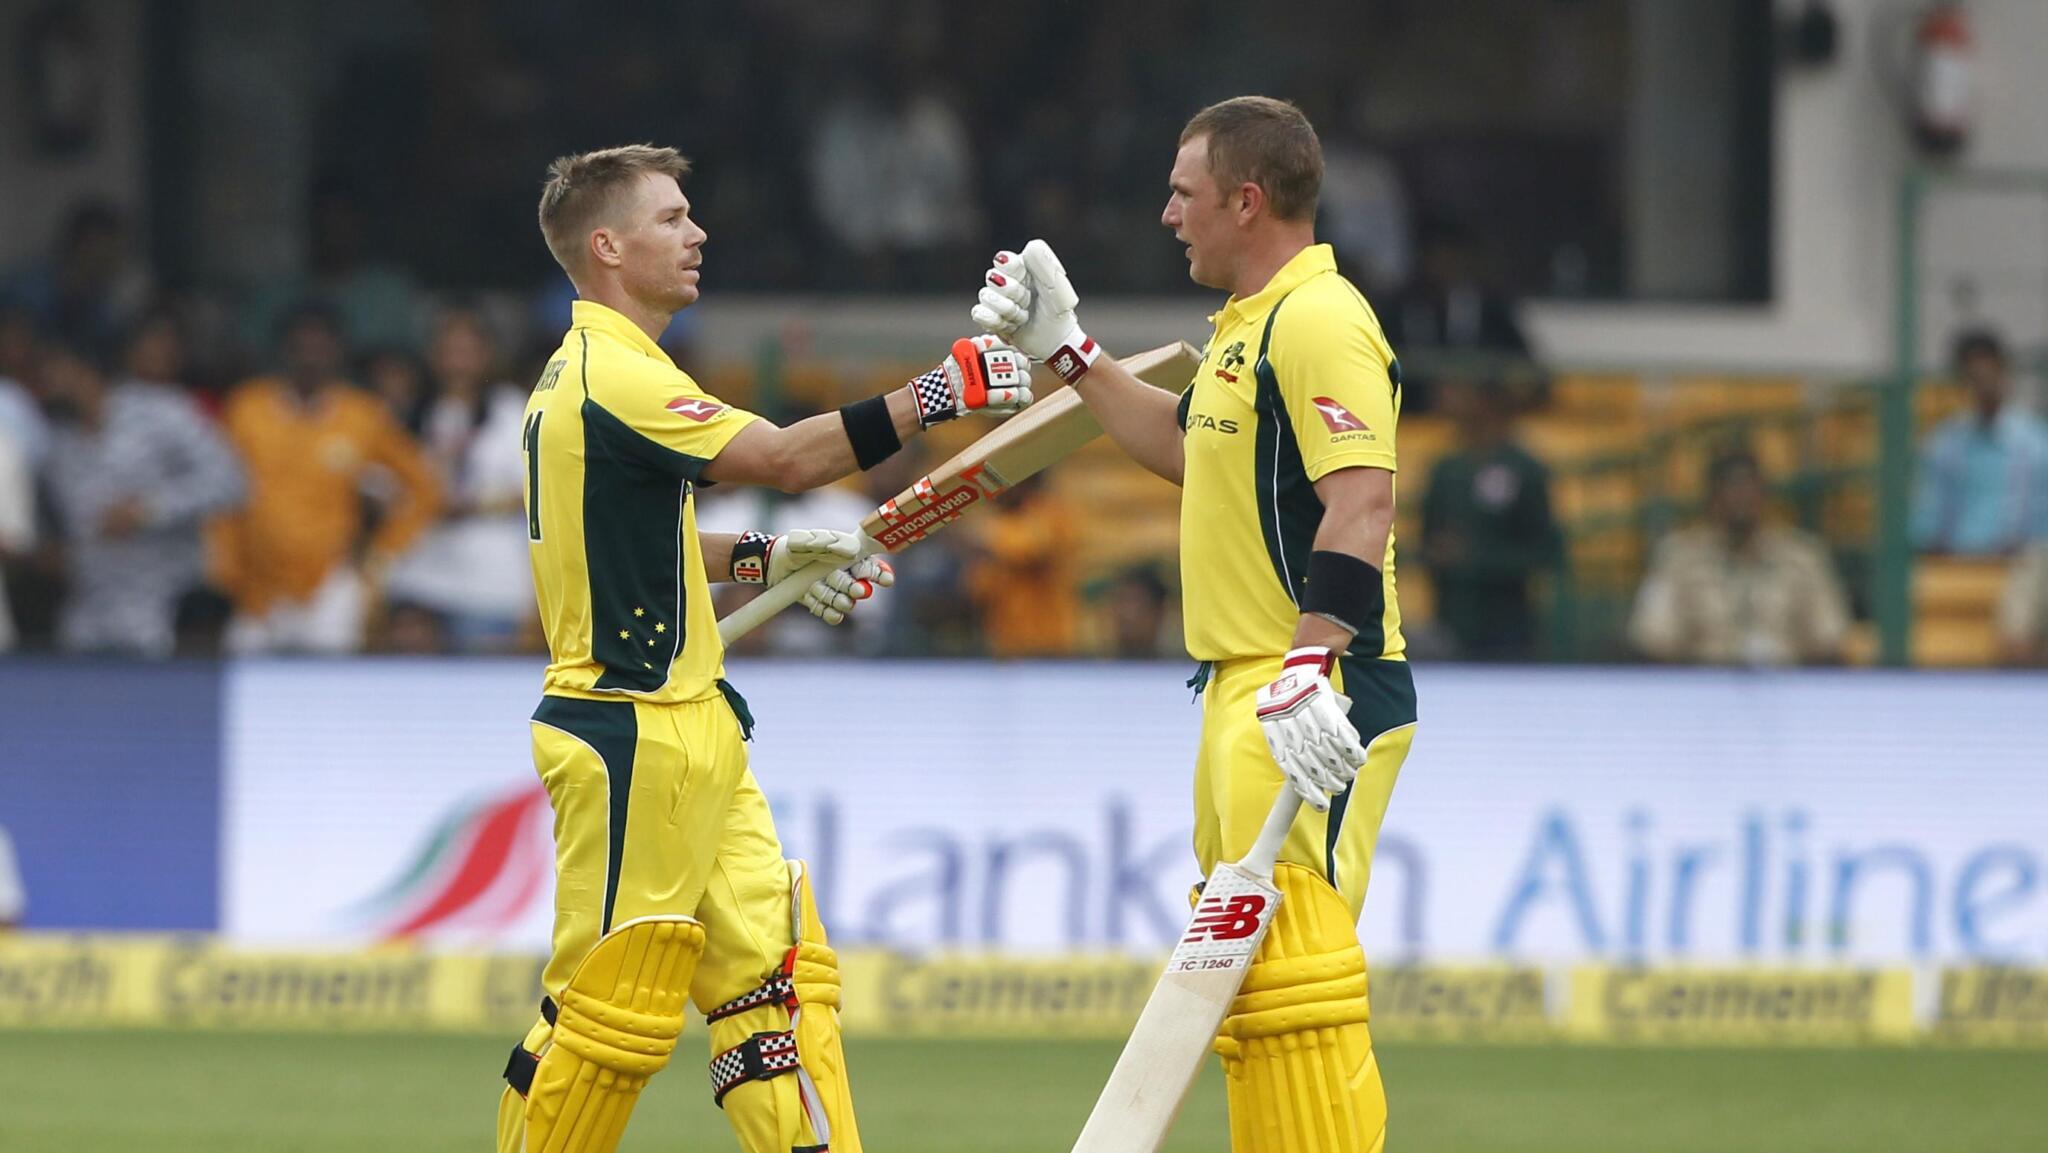 विश्व कप से पहले डेविड वार्नर की फॉर्म को देखकर ऑस्ट्रेलियाई कप्तान एरोन फिंच ने भारत, इंग्लैंड समेत सभी टीमों को दी एक बड़ी चेतावनी 3